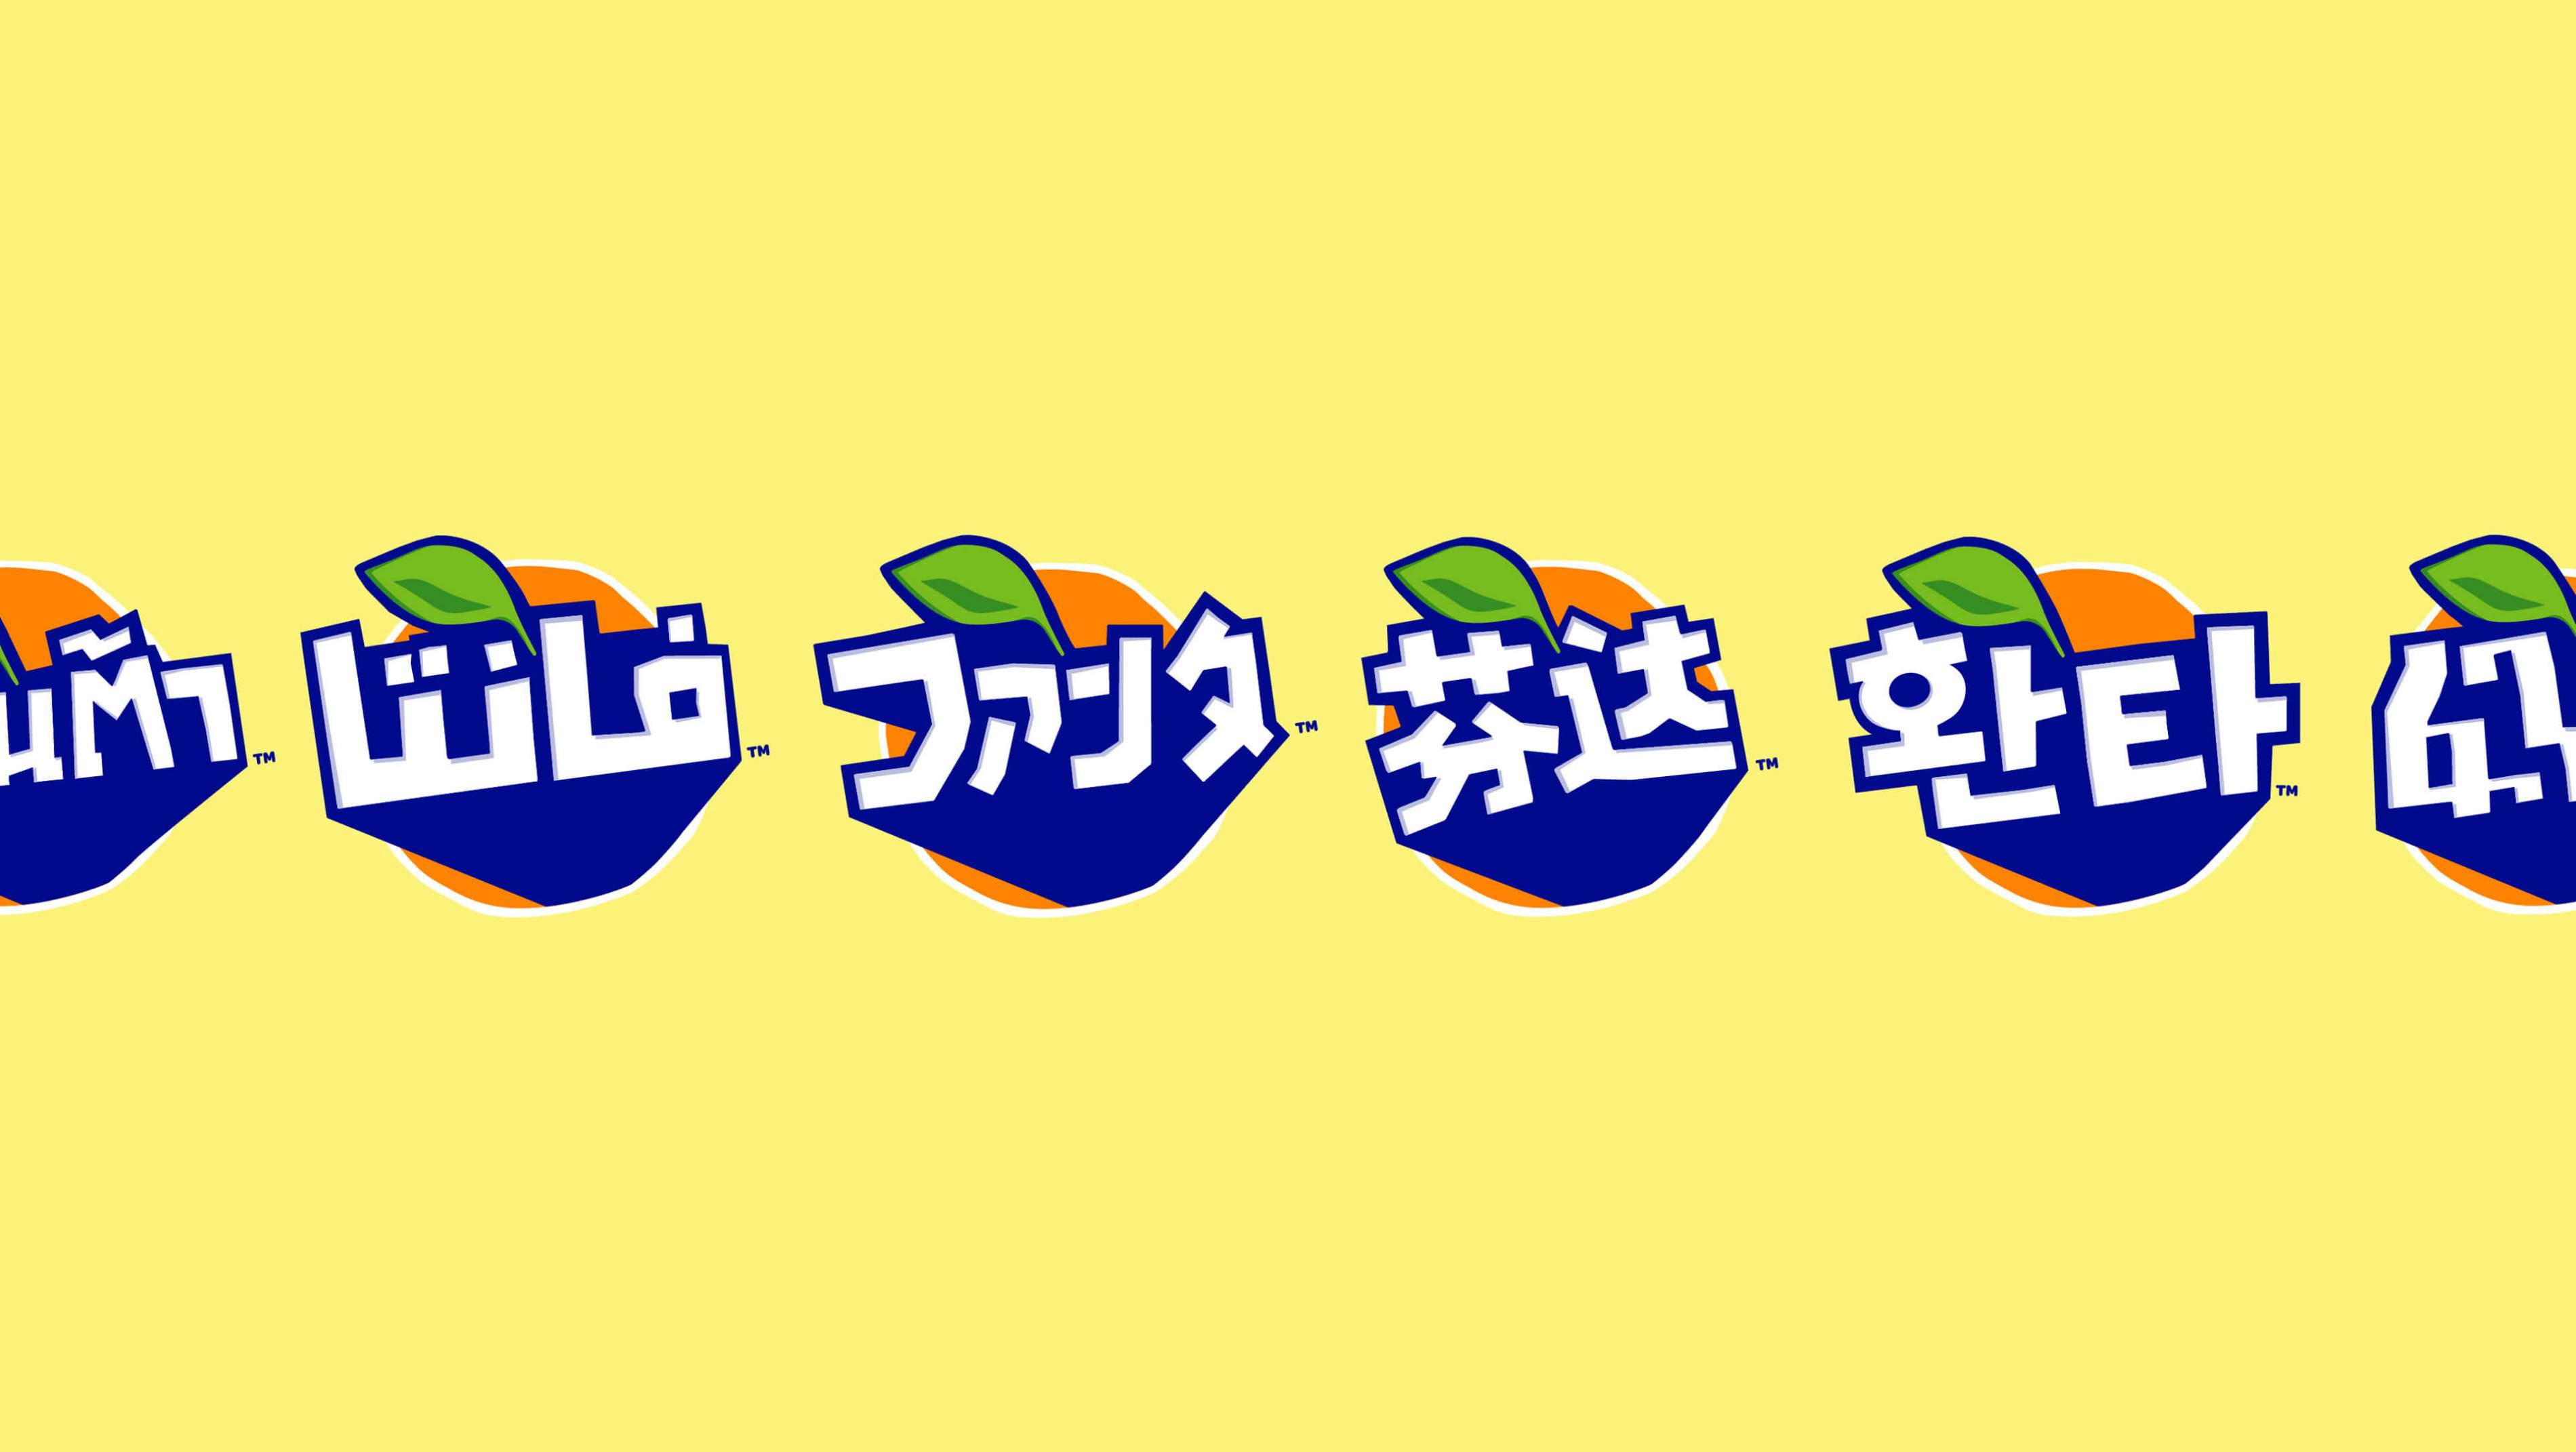 芬达不同语言logo